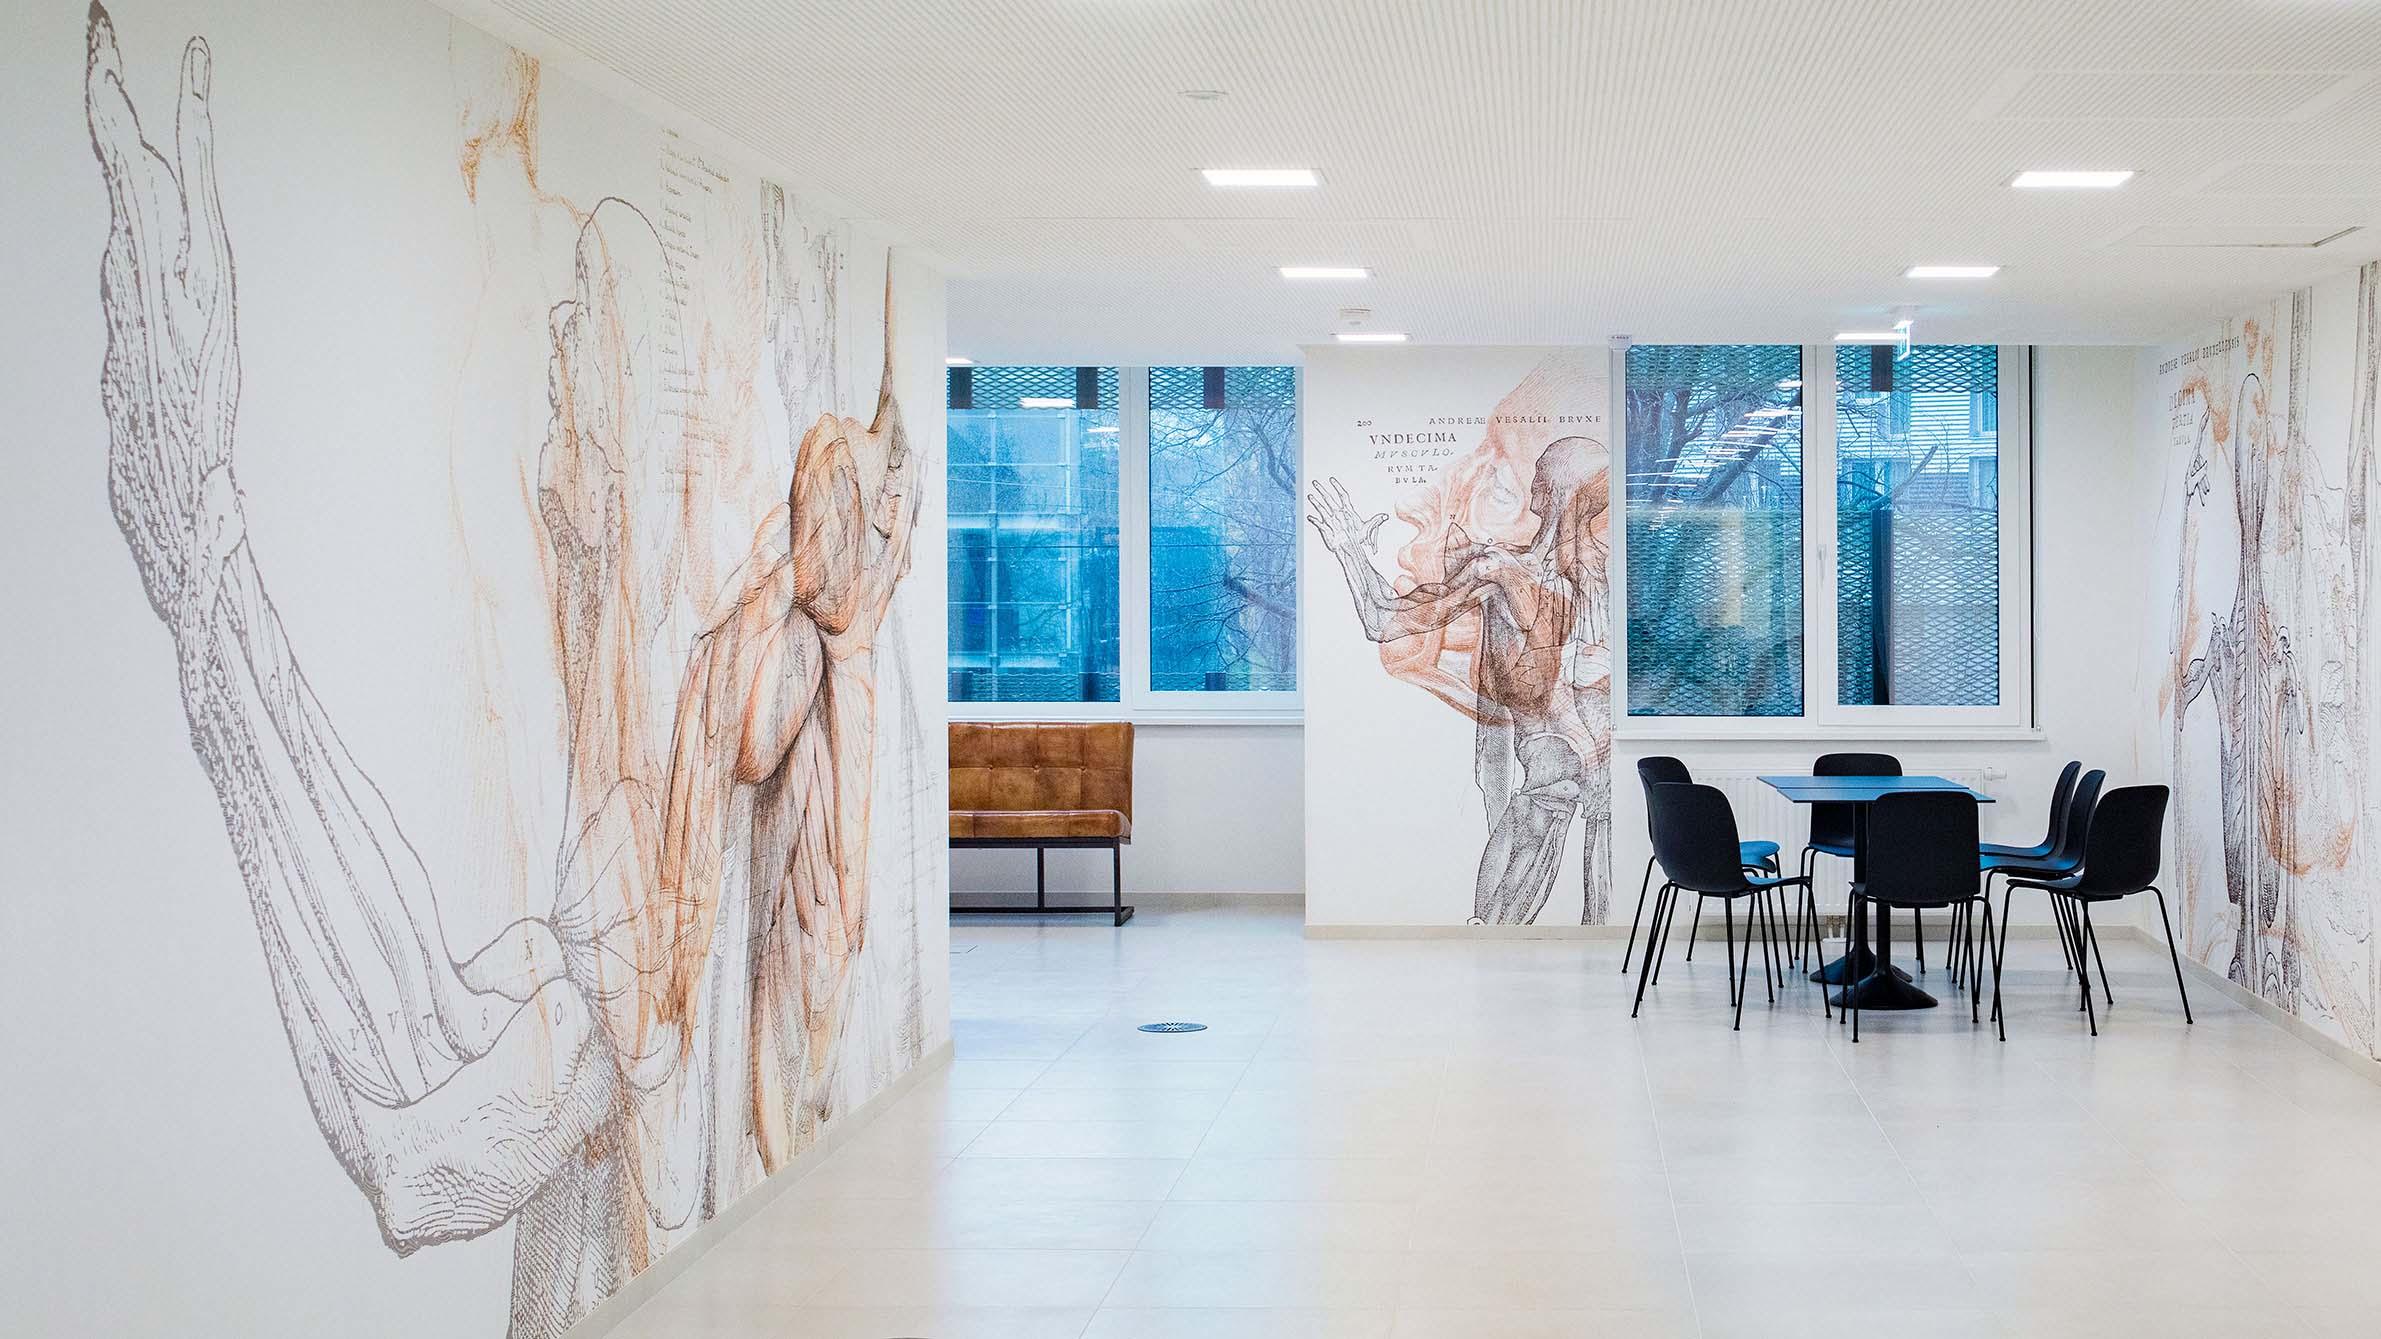 Kleiner Bereich mit Sofa, Tisch und Stühlen, mit Wandtapete, die anatomischen Motiven zeigen.